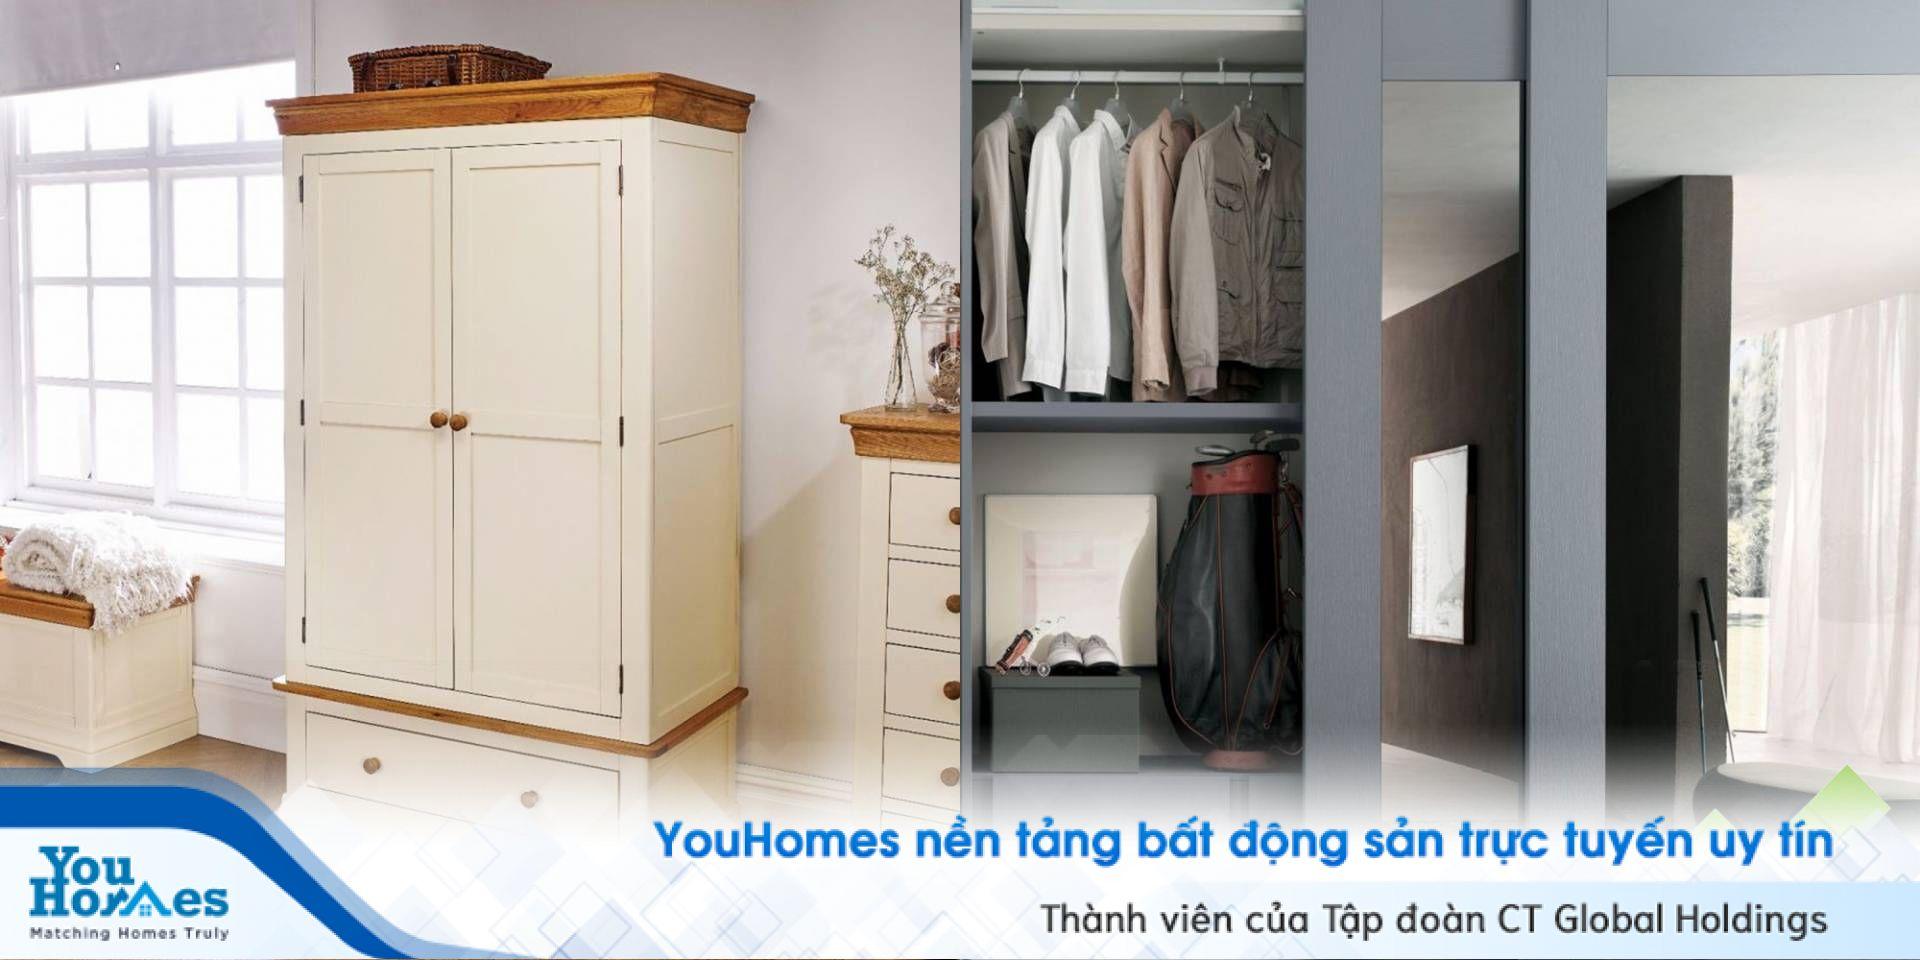 Tránh ngay 10 lỗi trang trí nội thất này để khỏi mất tiền mà nhà cửa vẫn bất tiện trăm bề!